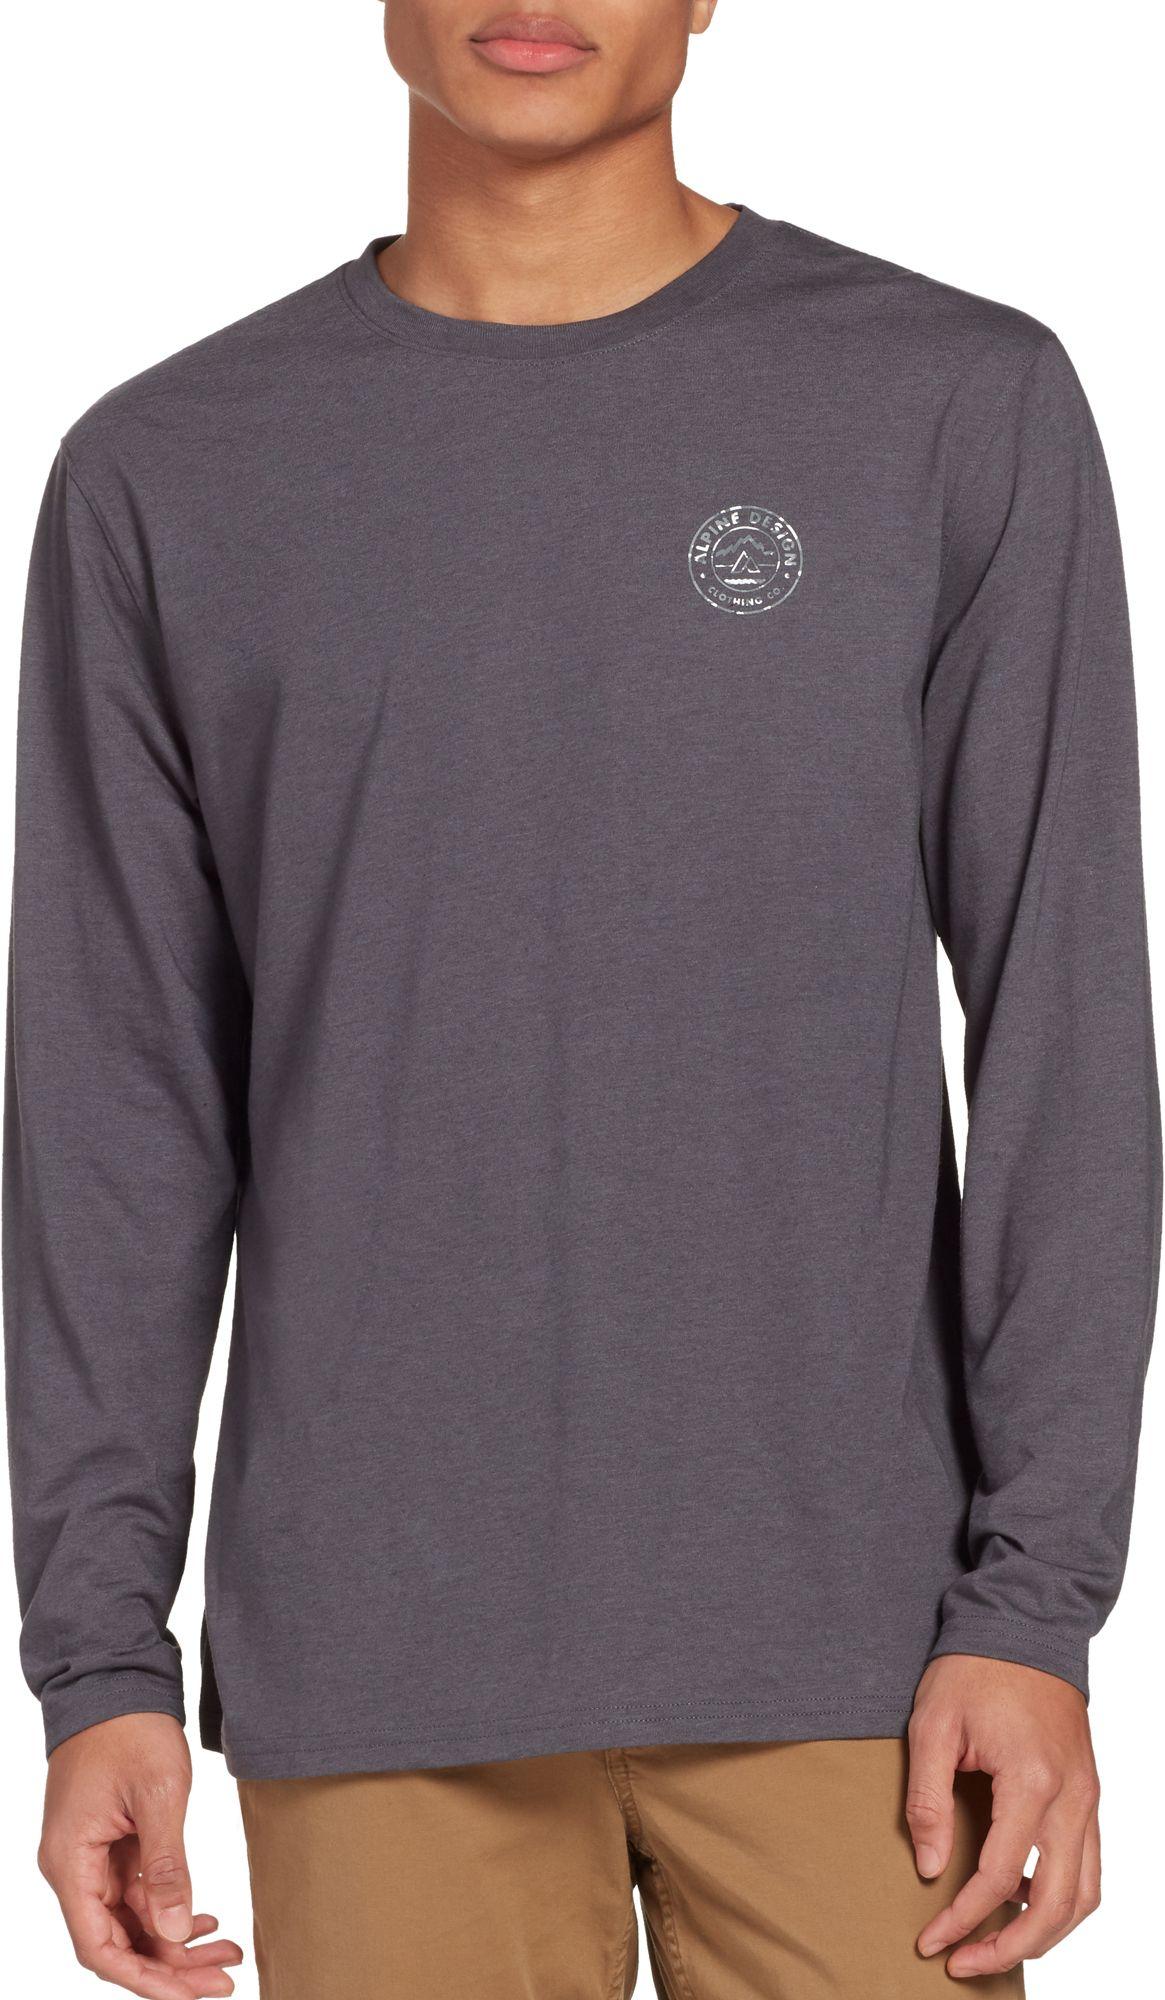 Alpine Design Men's First Mile Made Camo Logo Long Sleeve Shirt, Medium, Asphalt Htr/Camo Logo